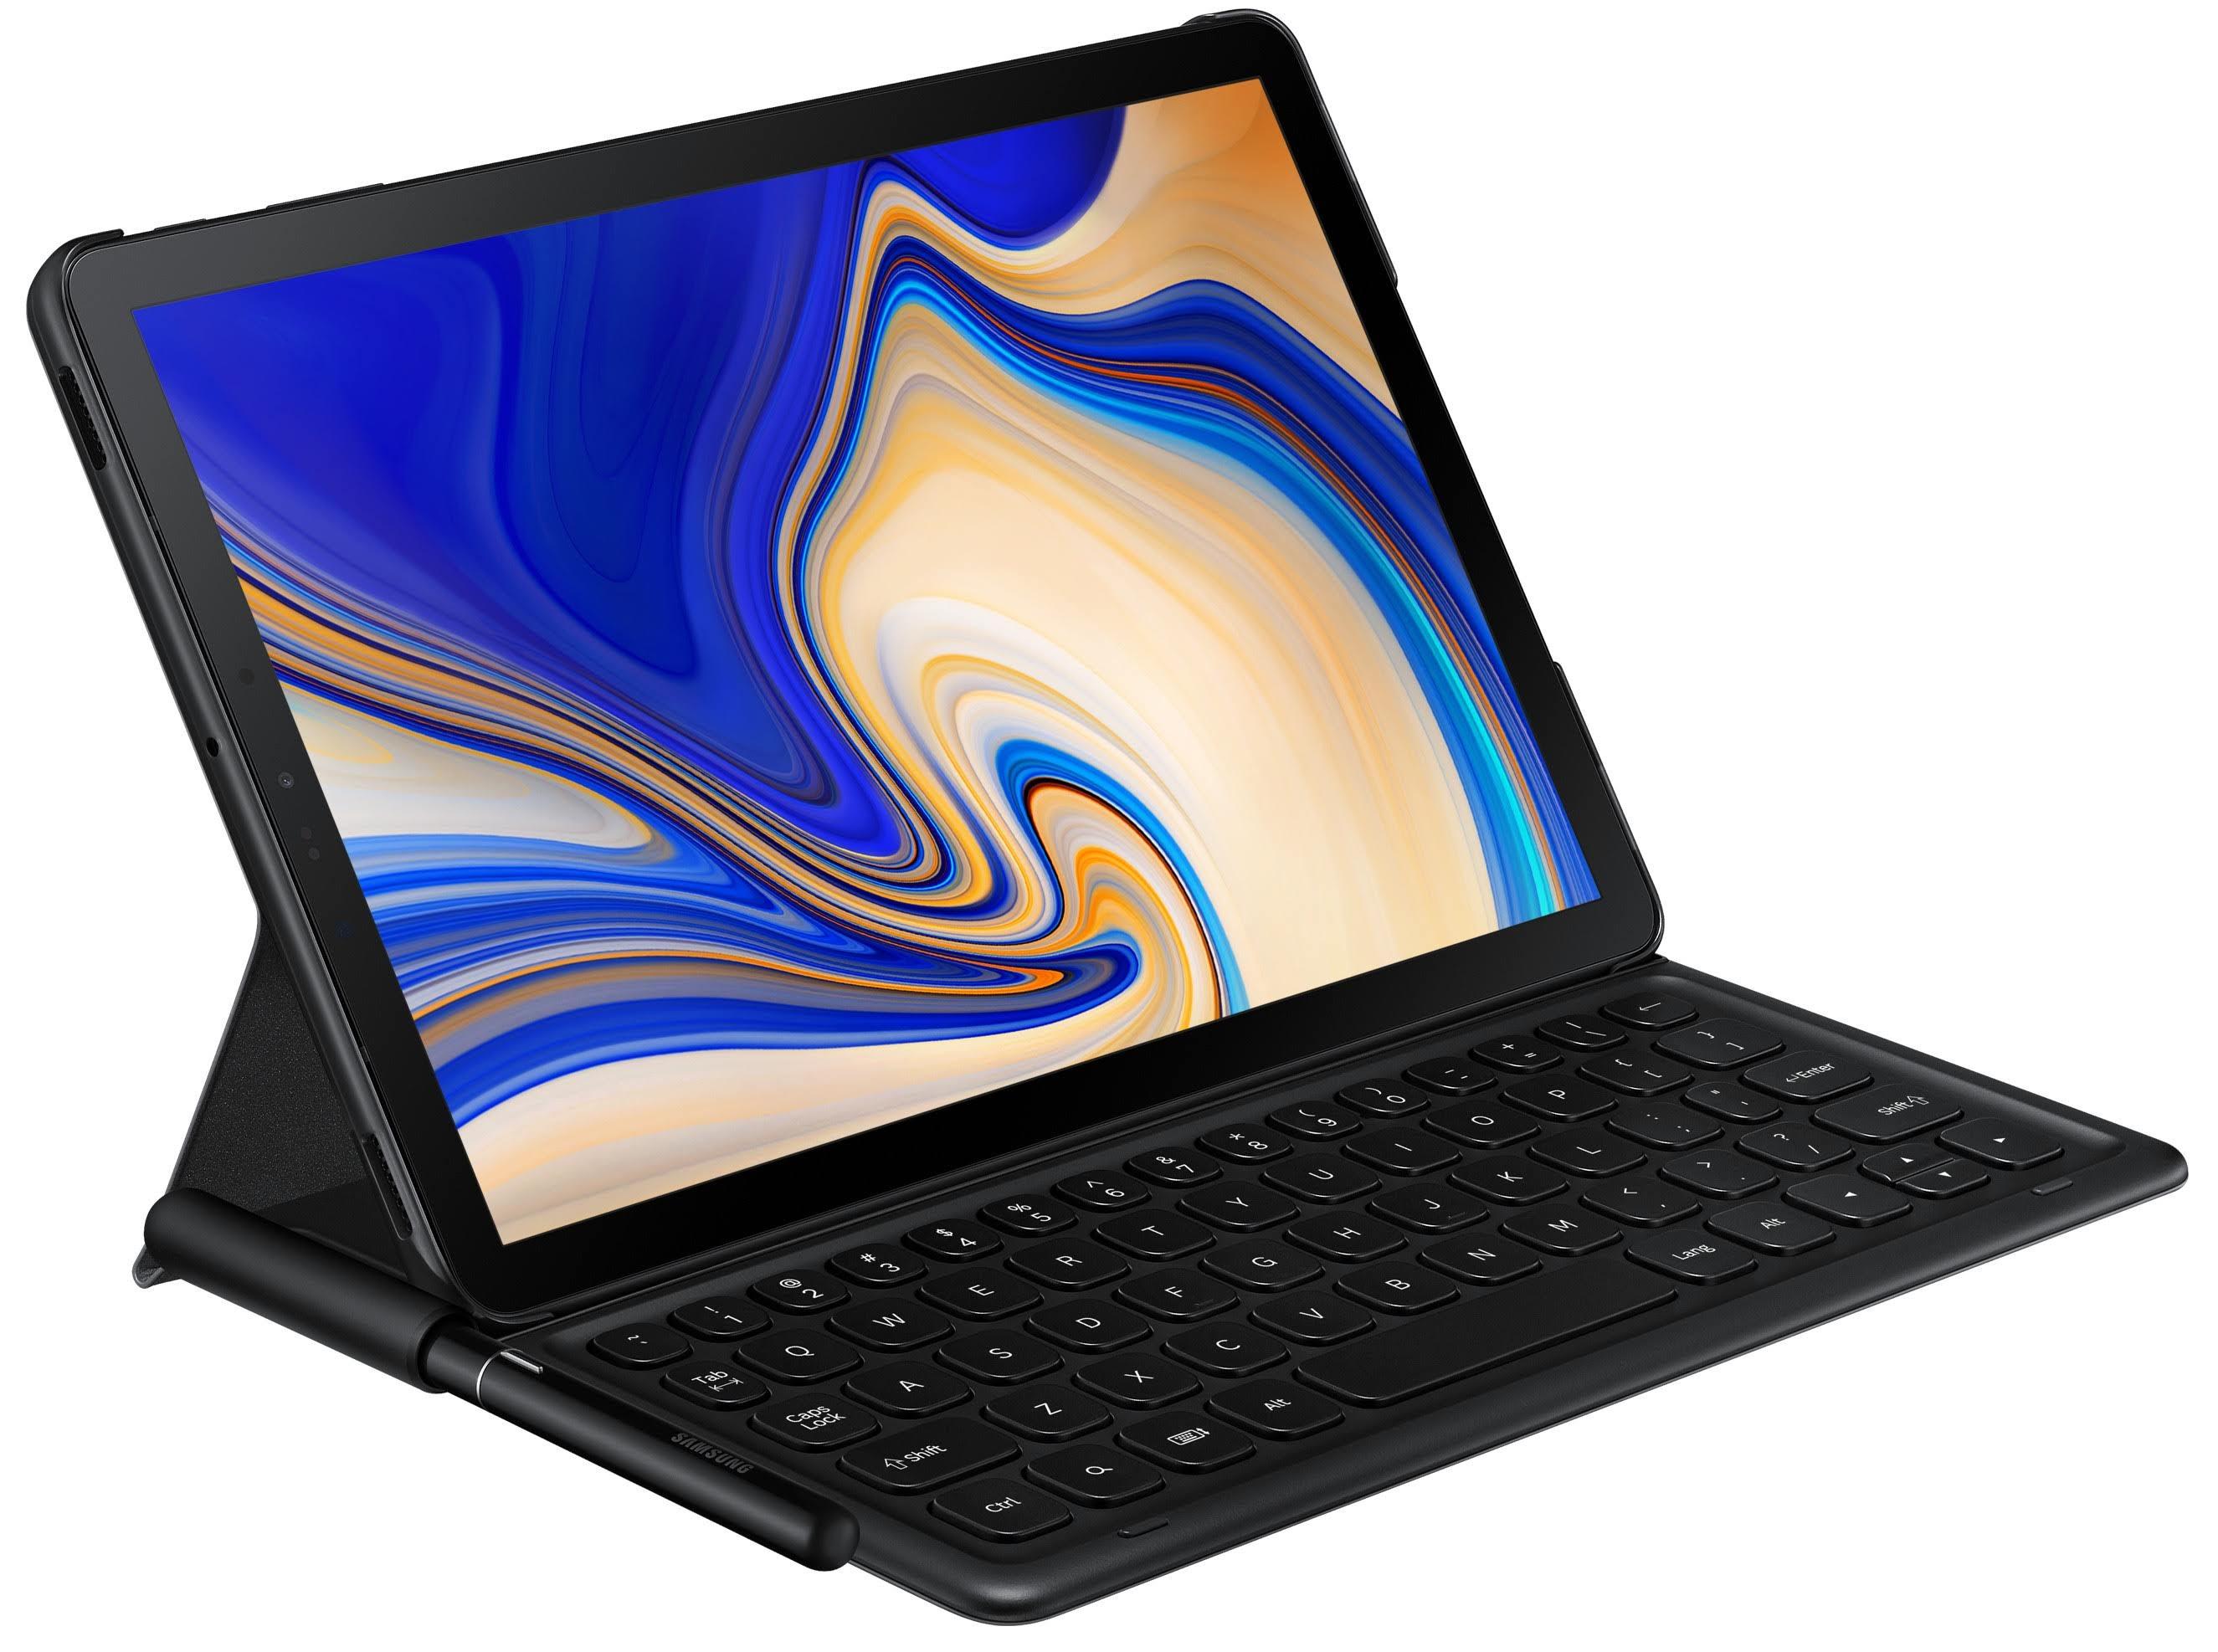 تابليت Galaxy Tab S4 المميز بمواصفات قوية مع إكسسوارات رائعة جداً